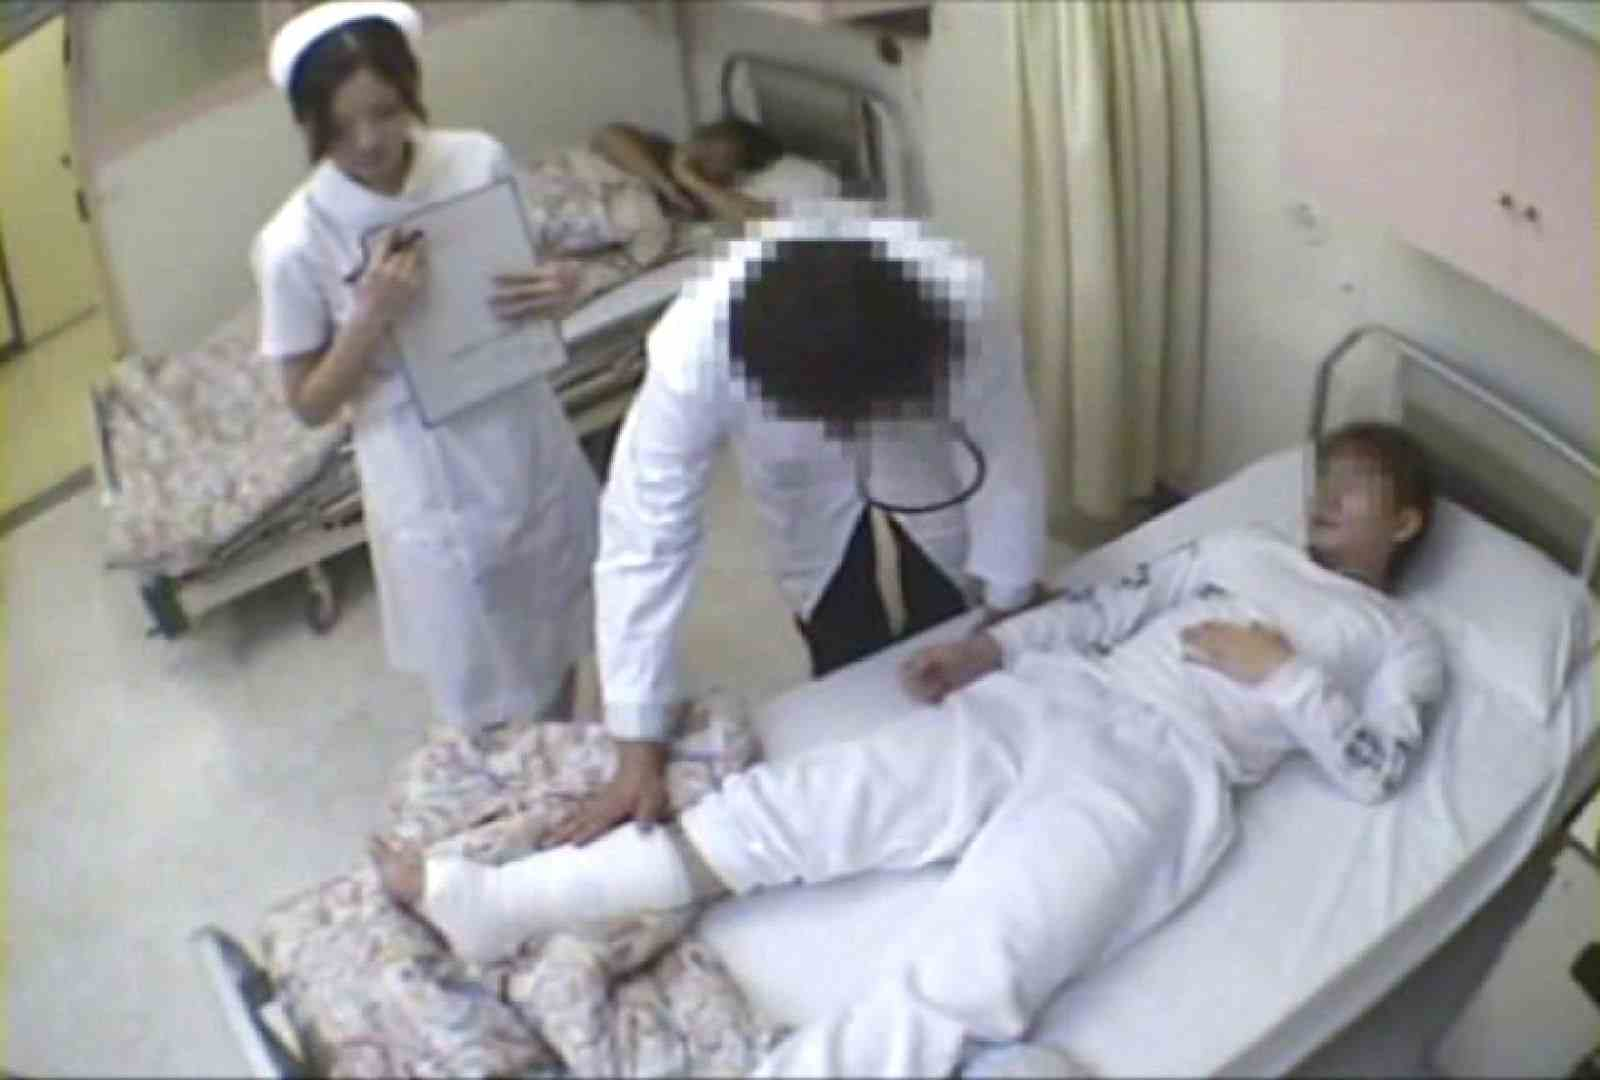 絶対に逝ってはいけない寸止め病棟Vol.7 マンコ・ムレムレ ワレメ無修正動画無料 96pic 83